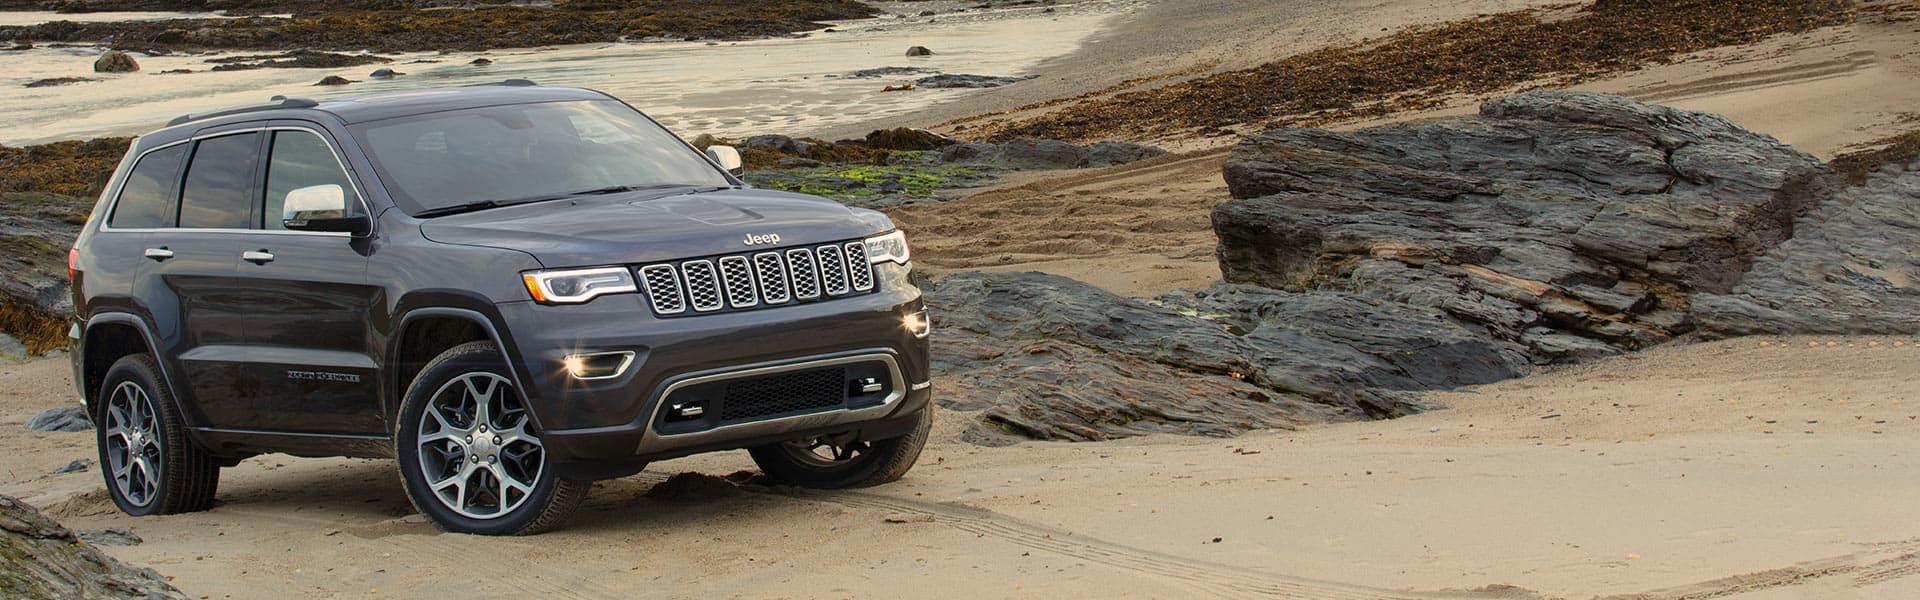 Un Jeep Grand Cherokee Overland 2021 gris estacionado sobre un montículo de arena.